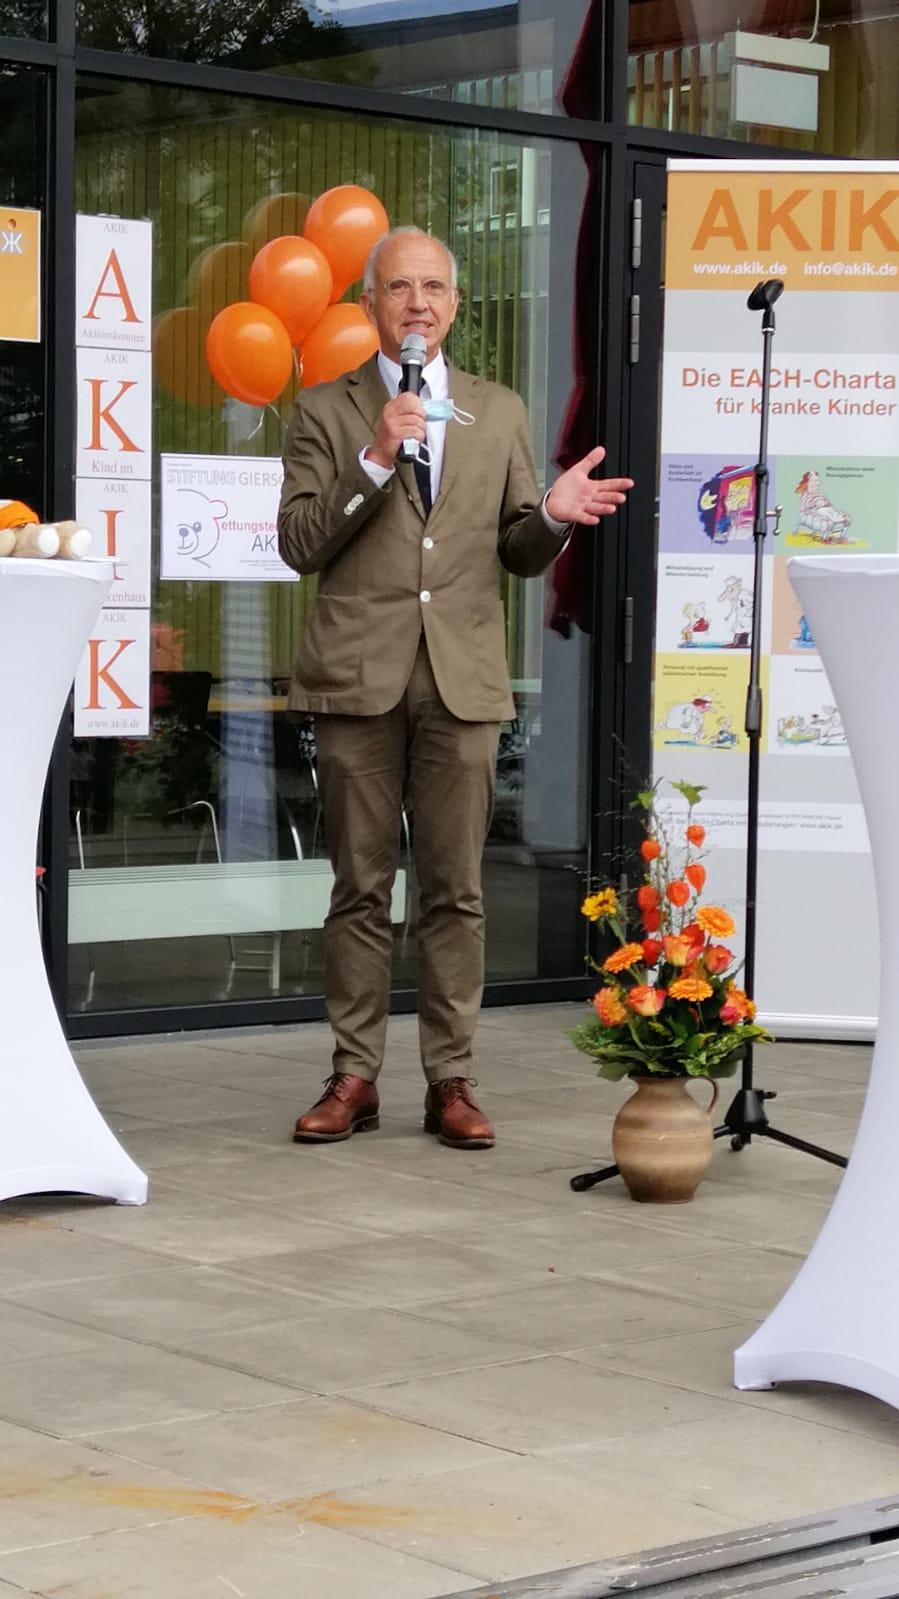 PD Dr. med. Lothar Schrod